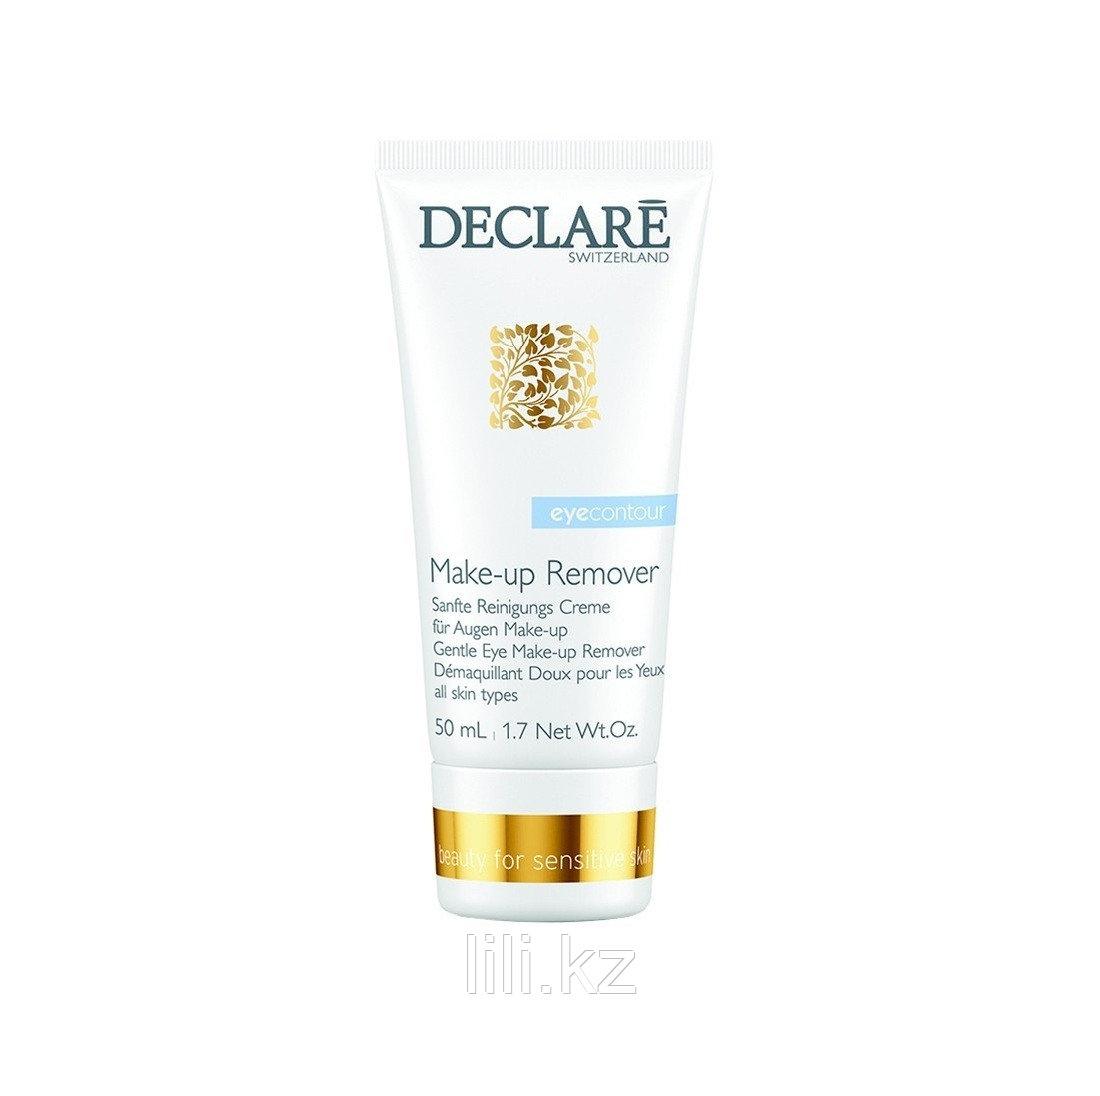 Мягкий гель для удаления макияжа с глаз Declare Gentle Eye Make-up Remover 50 мл.